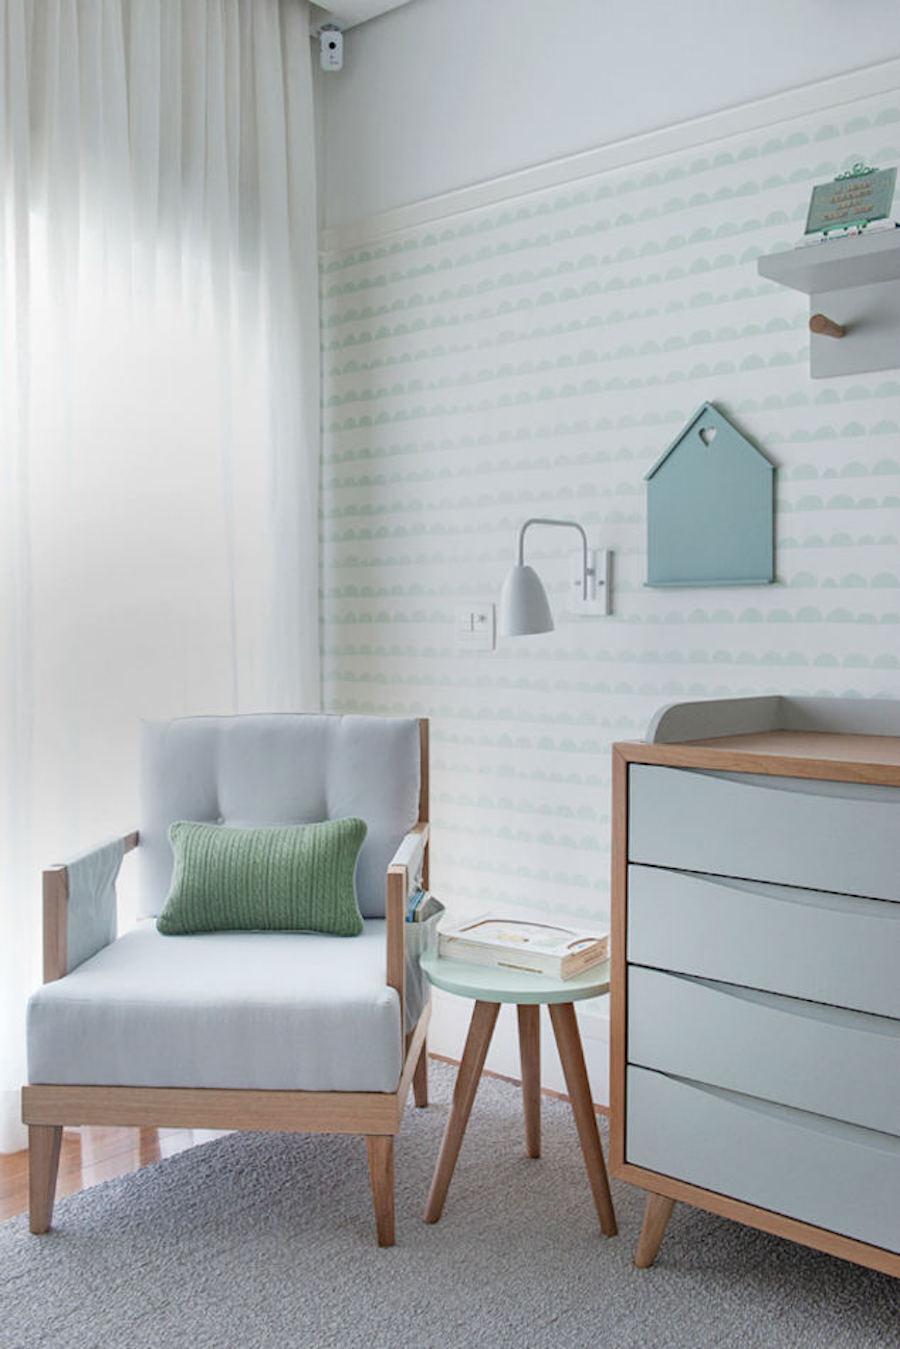 Color paredes habitacion bebe top banderines de tela para - Color paredes habitacion bebe ...